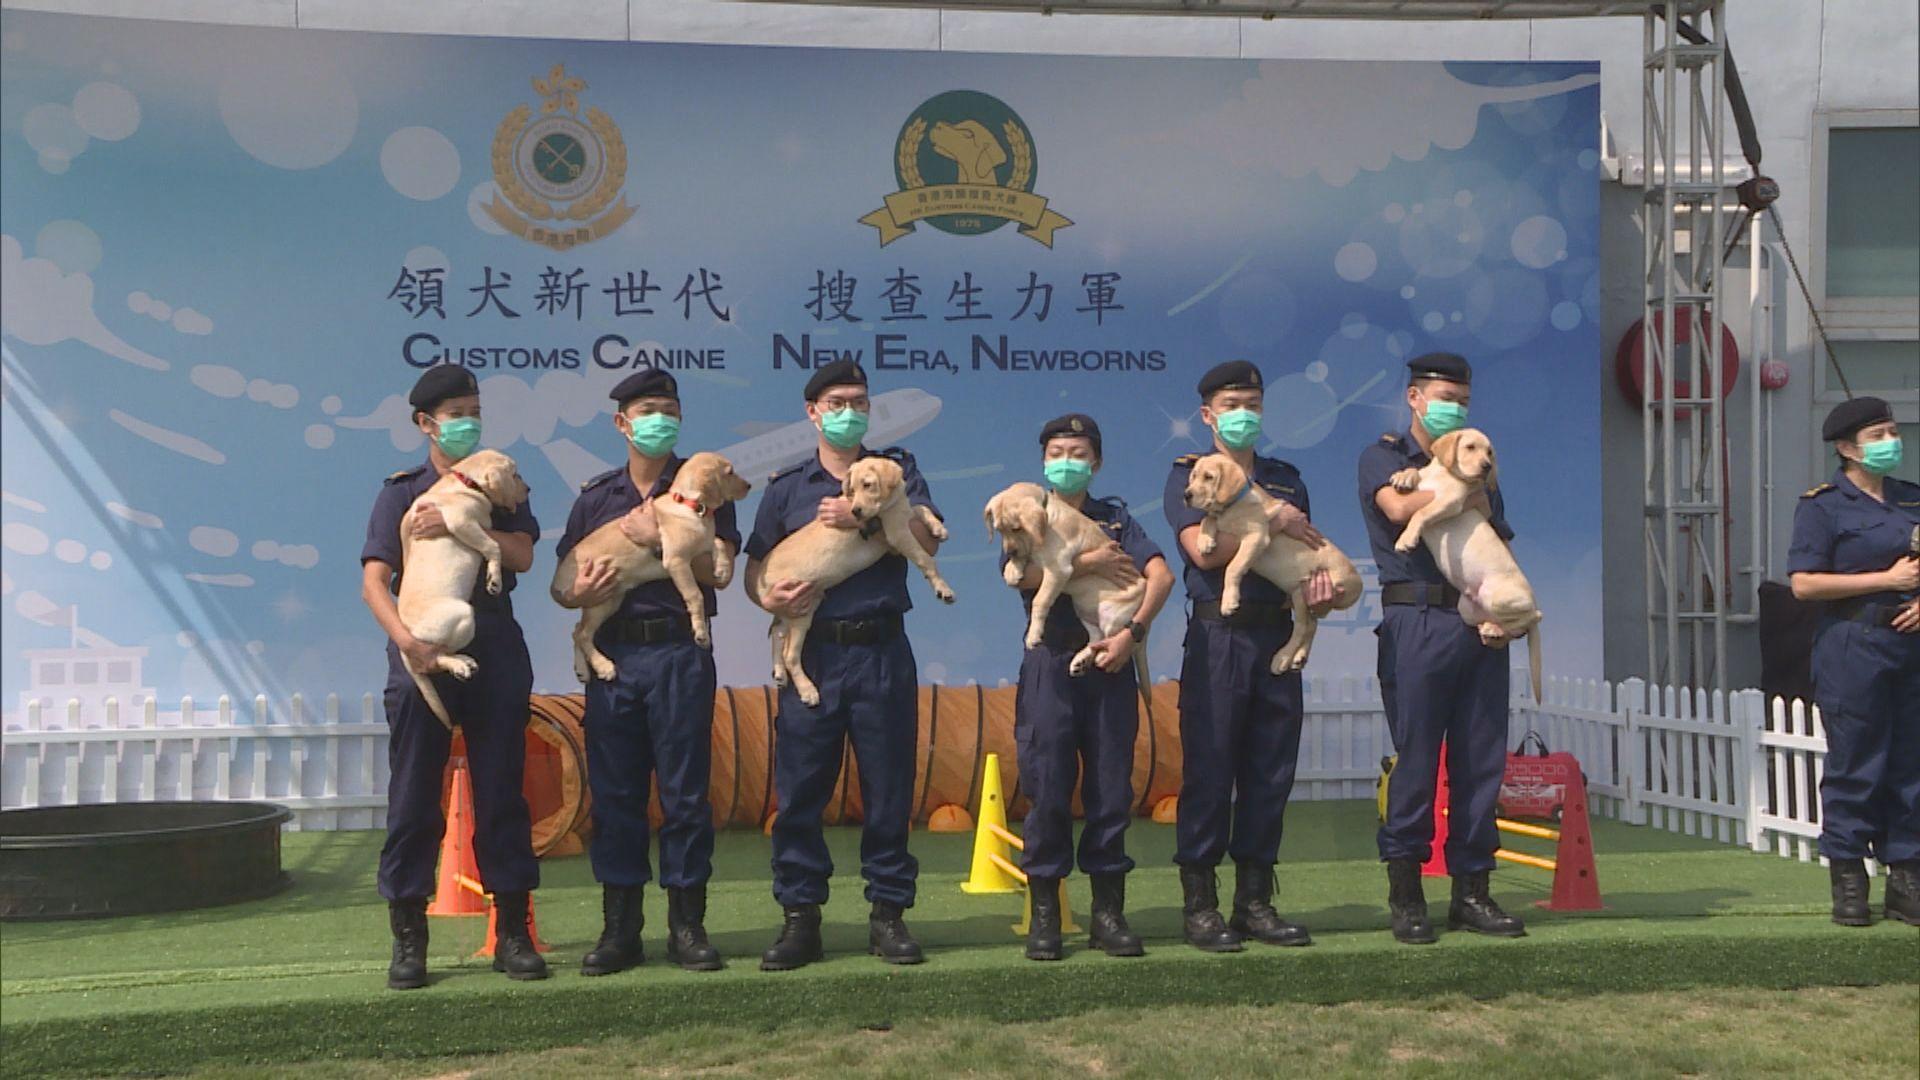 海關首次自行繁殖工作犬 最快明年引入槍械搜查犬